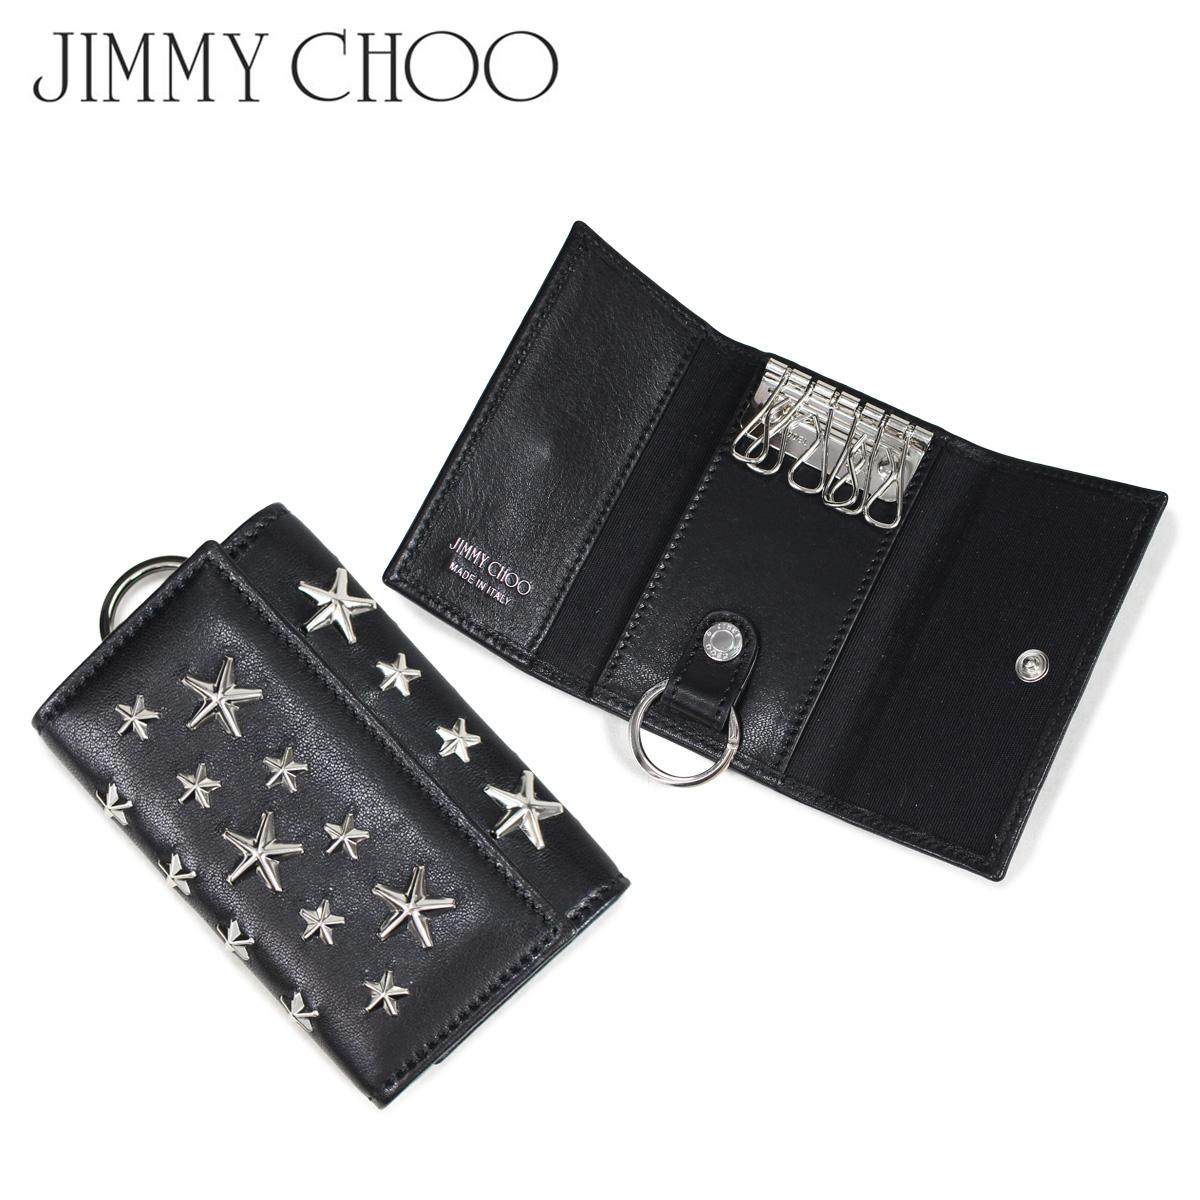 JIMMY CHOO NEPTUNE CST BLACK ジミーチュウ キーケース キーホルダー レディース 6連 レザー スター スタッズ ブラック 黒